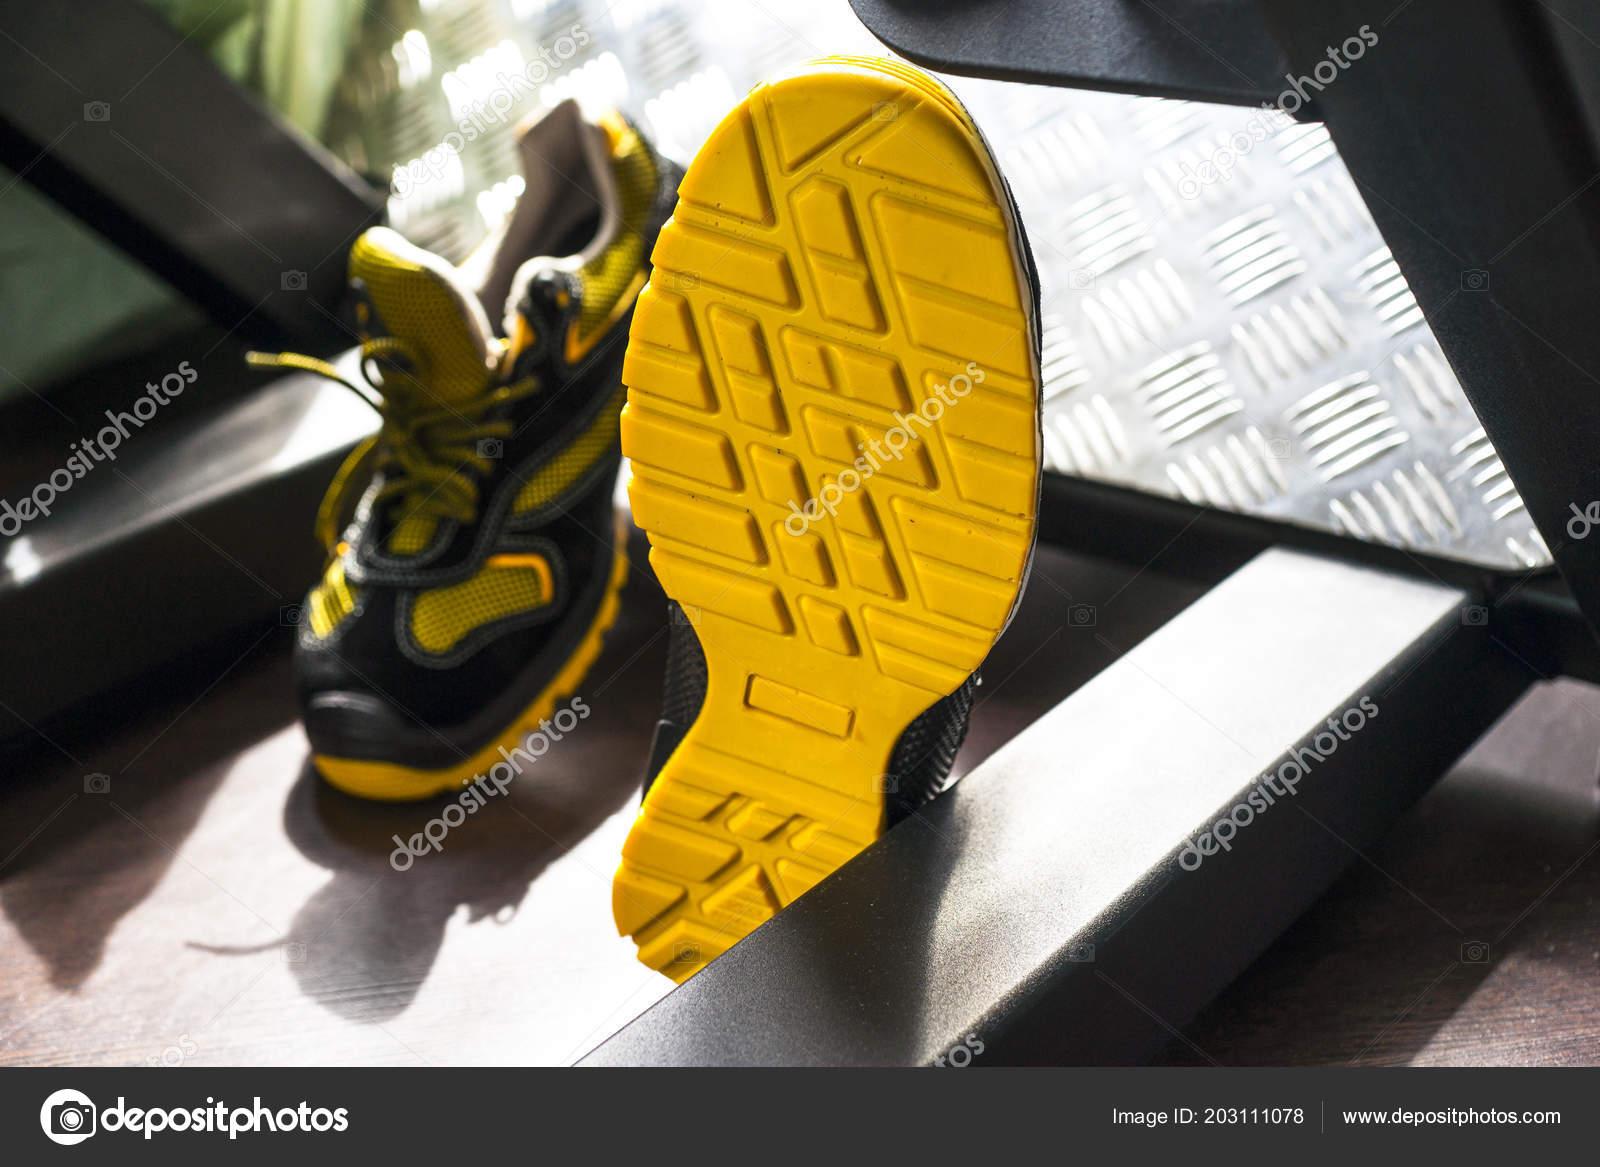 ef60d8a7930 Unbranded μοντέρνα ύπουλος στο γυμναστήριο. Μαύρο-κίτρινο. Άνετα ...